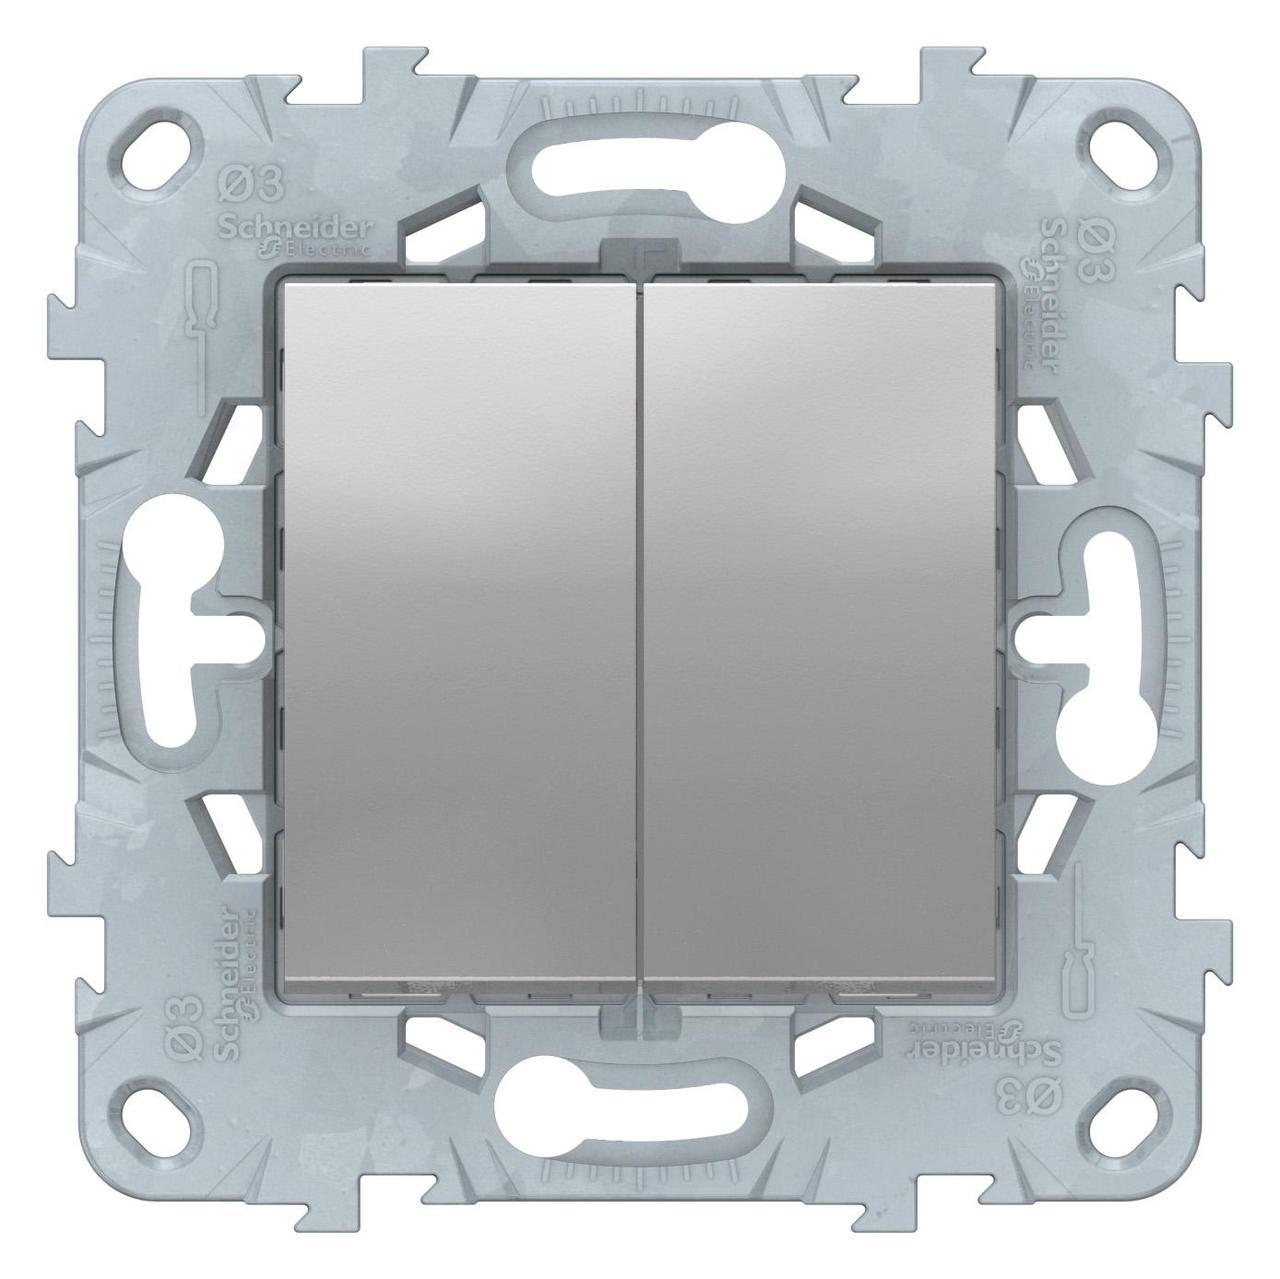 Выключатель 2-клавишный проходной (с двух мест) , Алюминий, серия Unica New, Schneider Electric